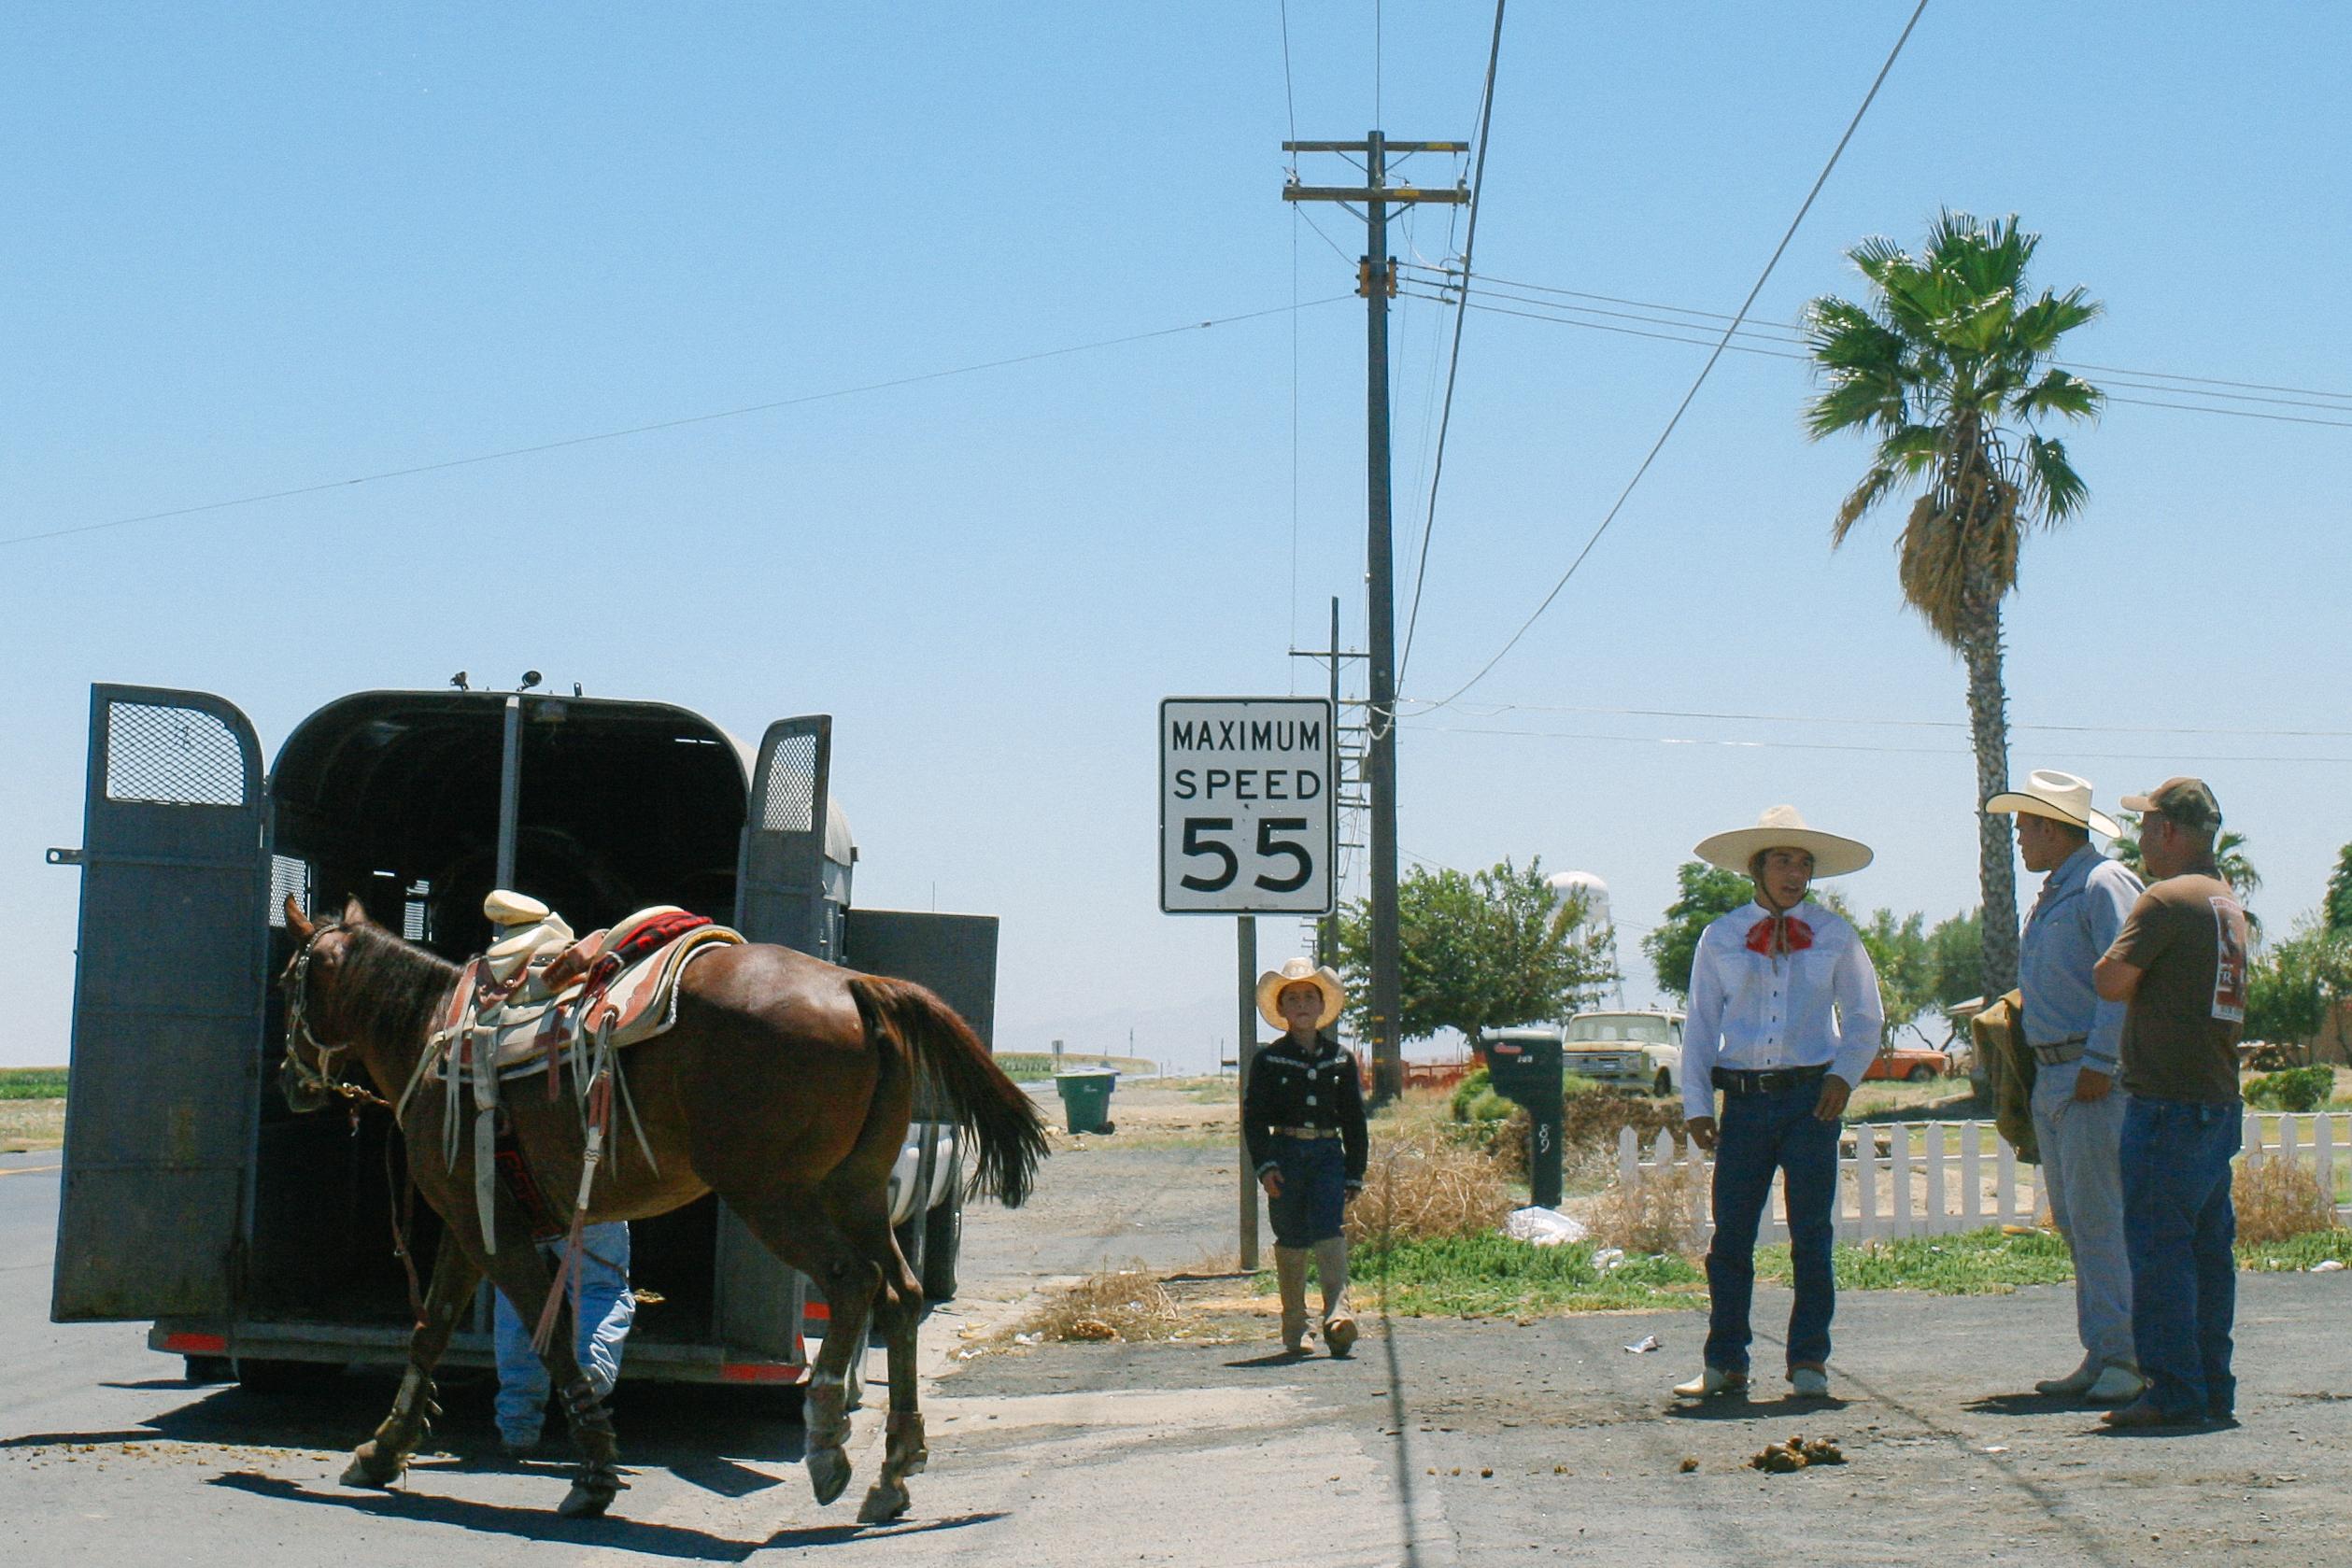 Mendota, California